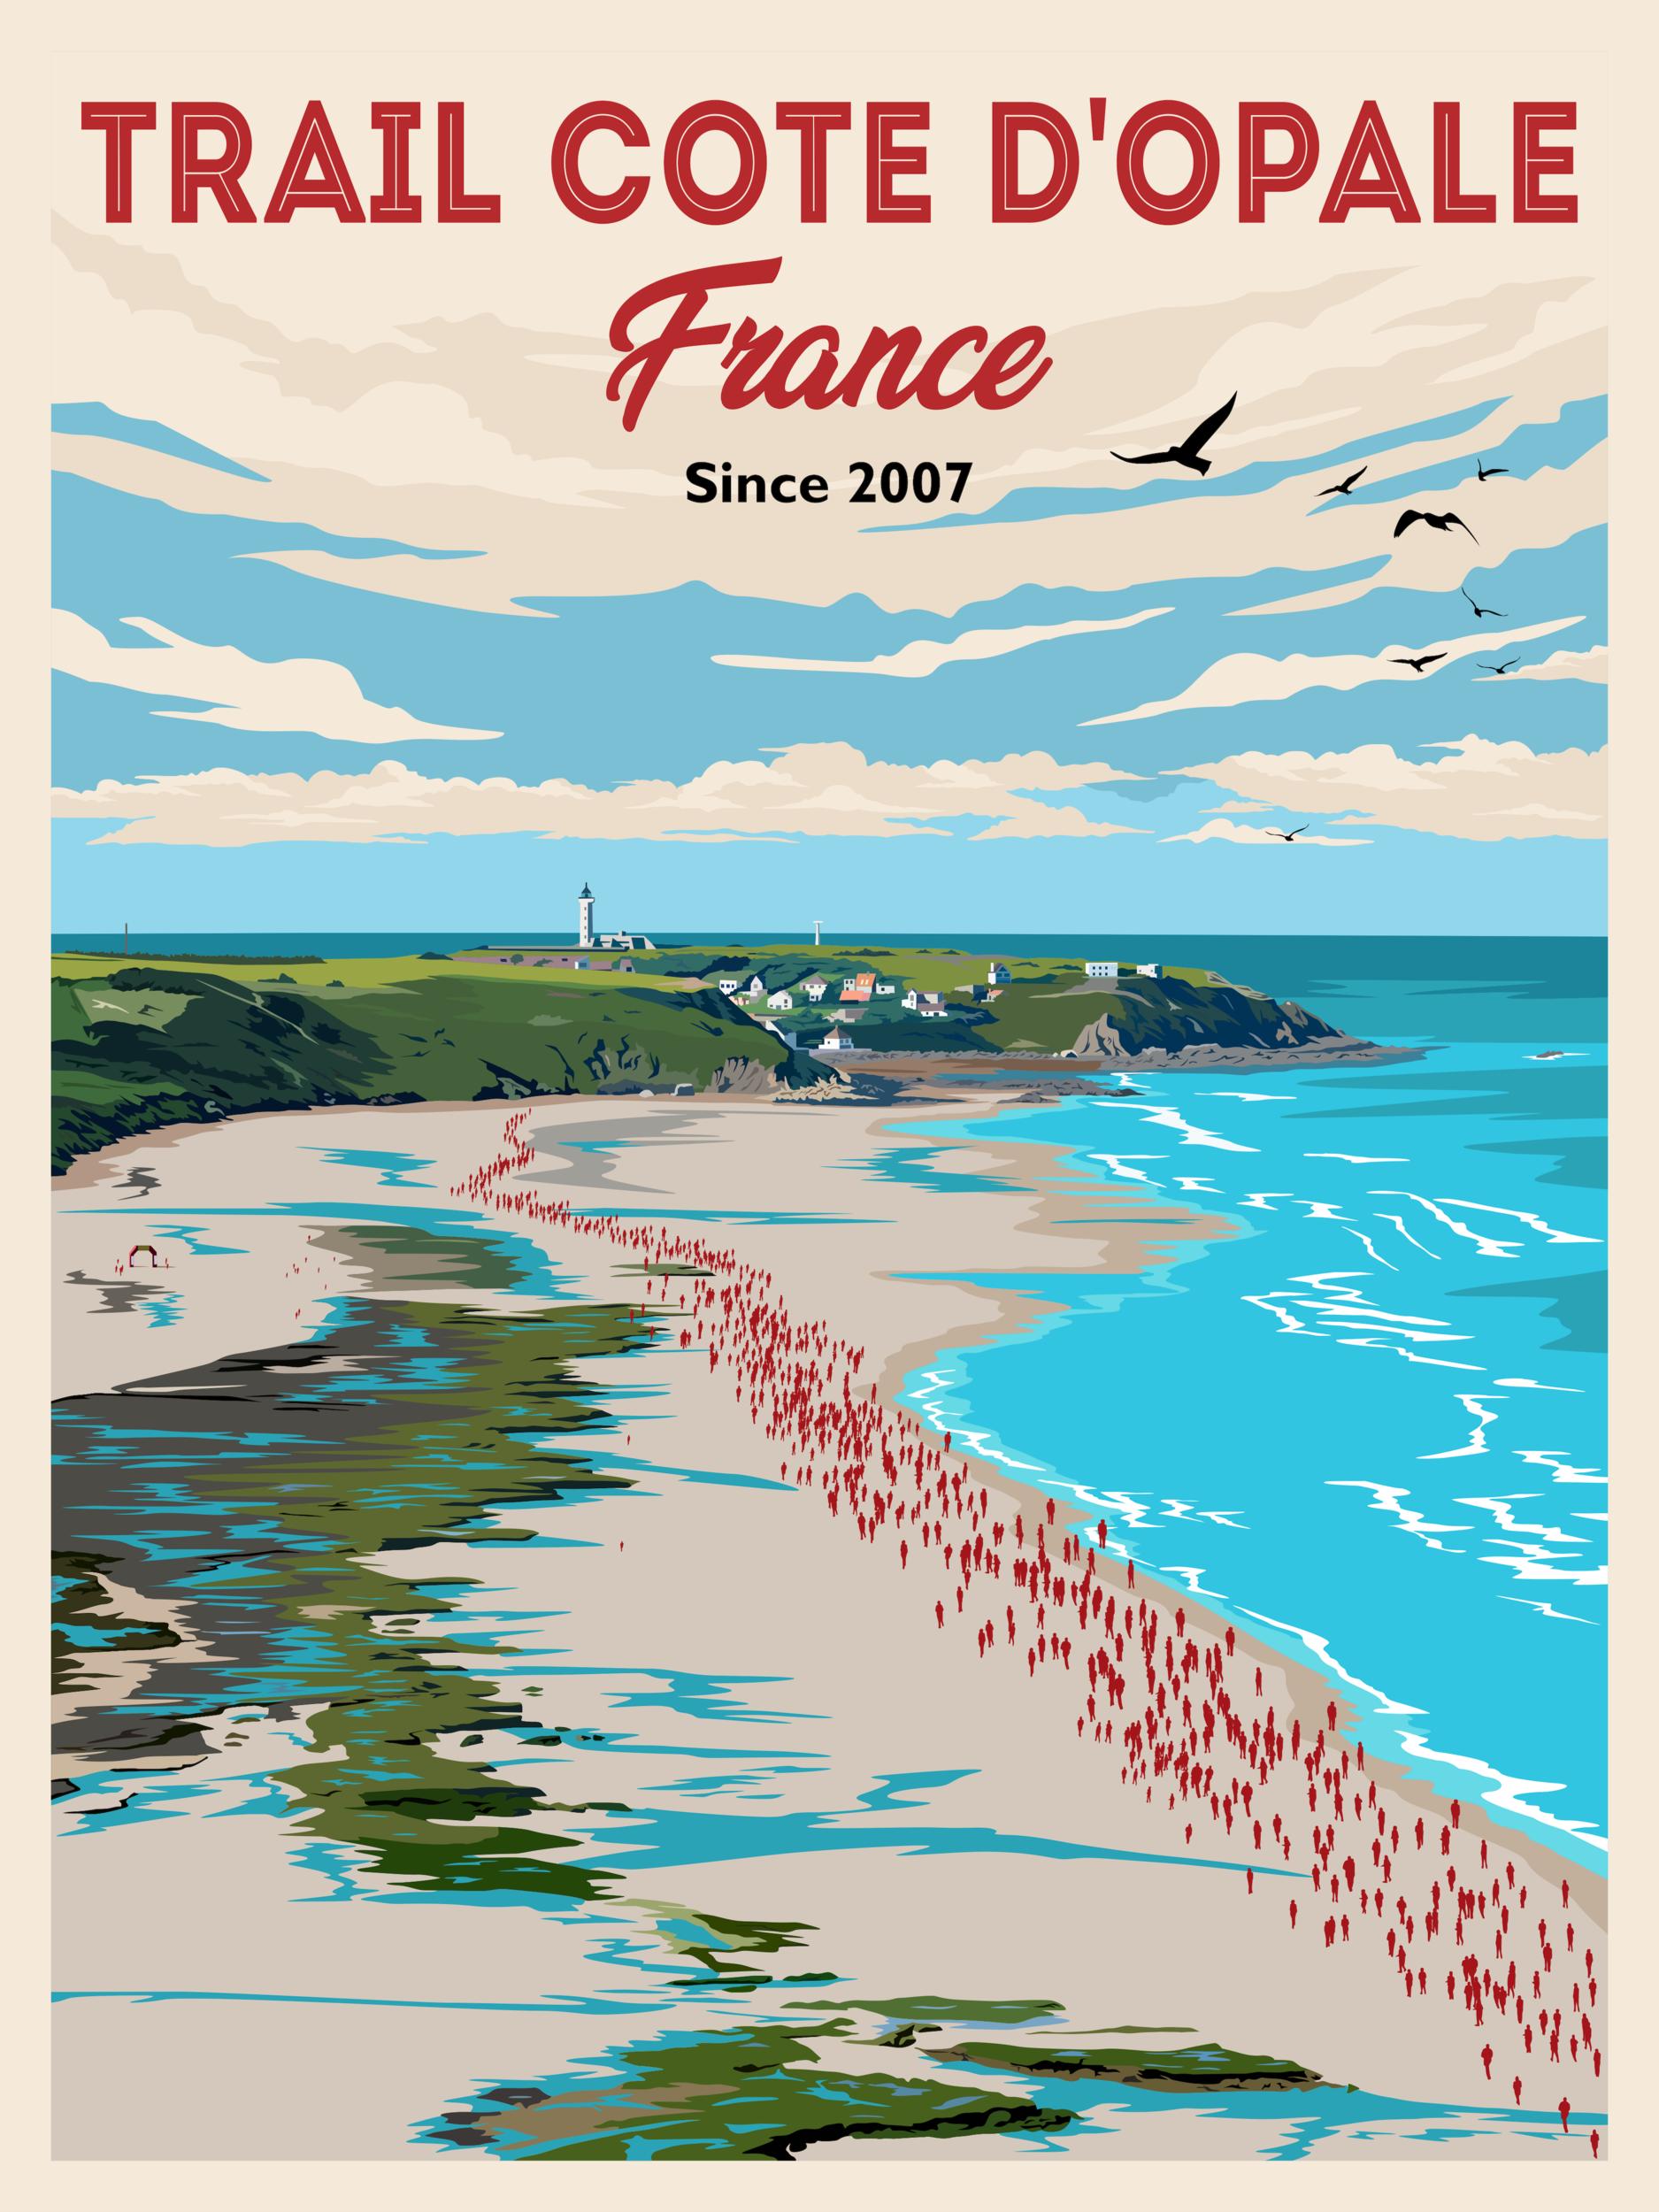 Lot de 2 magnifiques affiches Trail Côte d\'Opale 40x60 cm Papier épais 350 g  ( envoyées sous carton protégé)